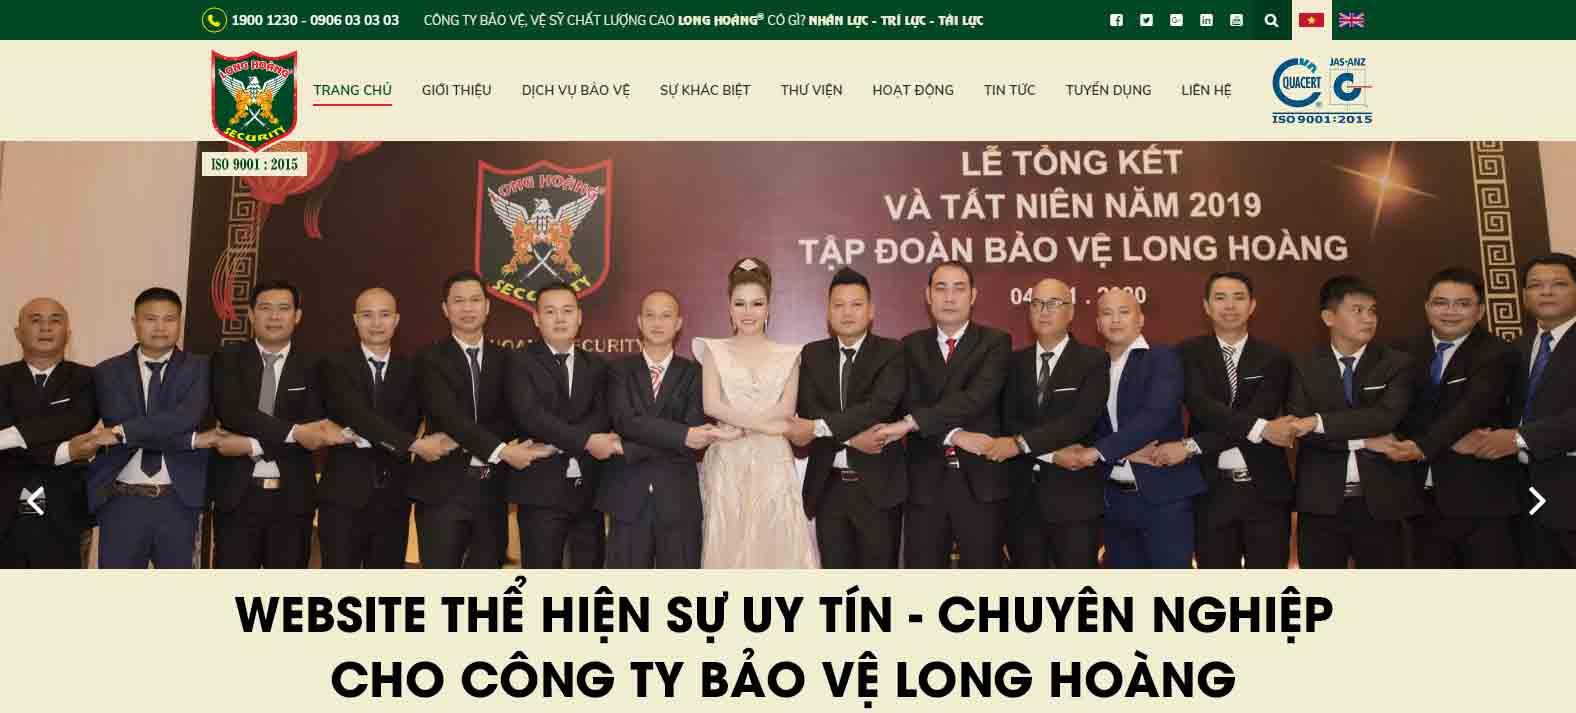 Website thể hiện uy tín chuyên nghiệp cho công ty bảo vệ Long Hoàng